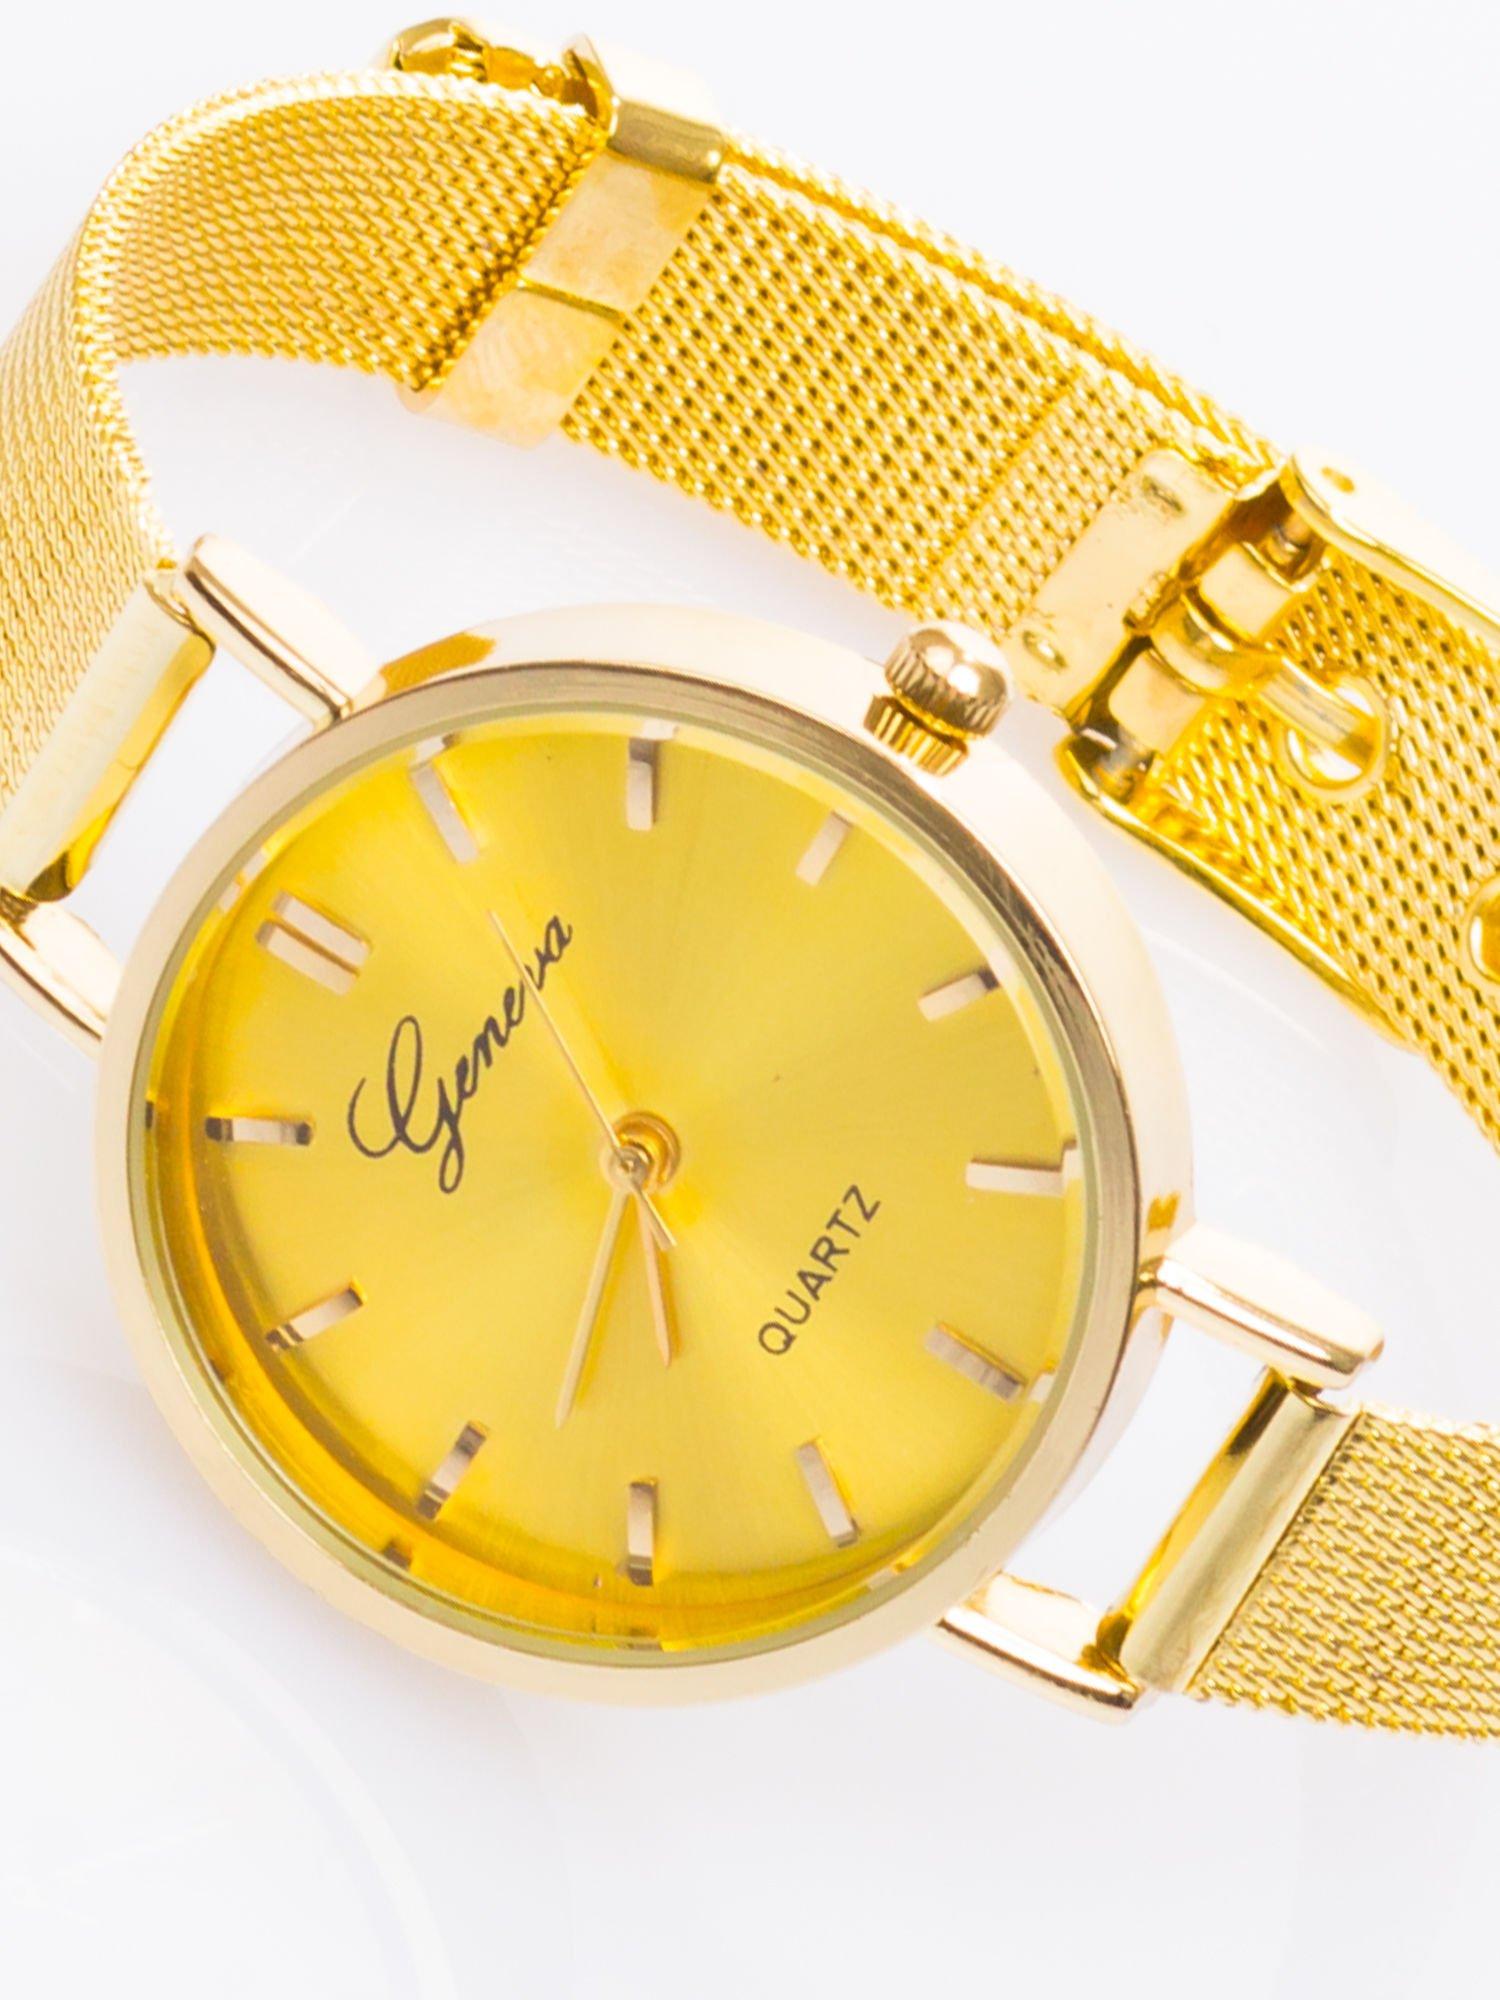 GENEVA Złoty prosty zegarek damski na bransolecie                                  zdj.                                  3